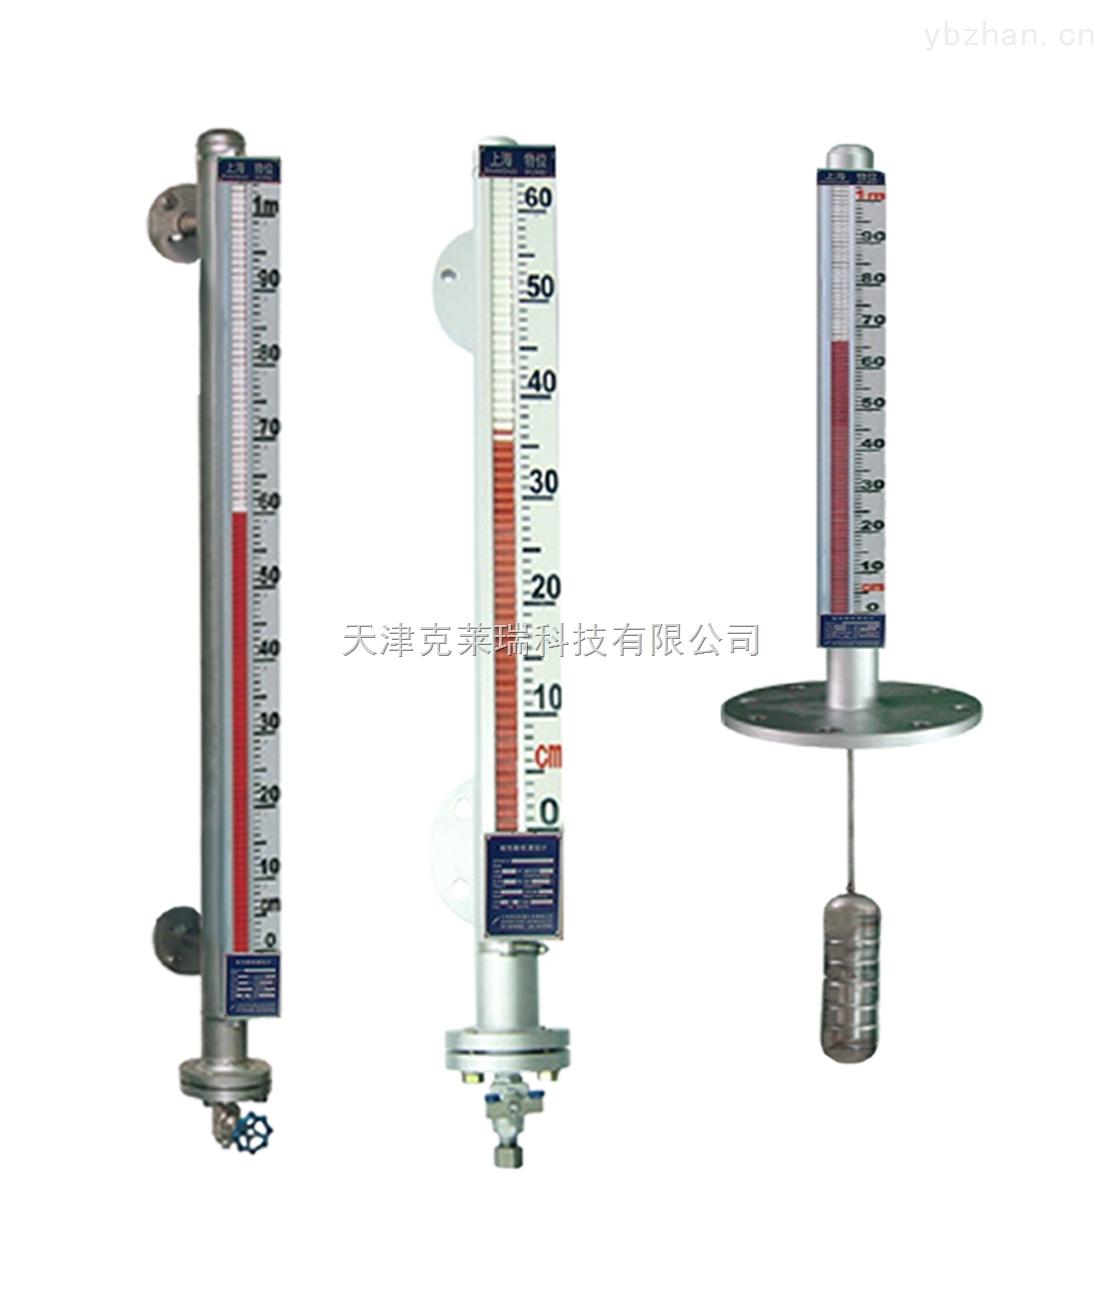 远传磁翻柱液位计,廊坊磁性浮子液位计